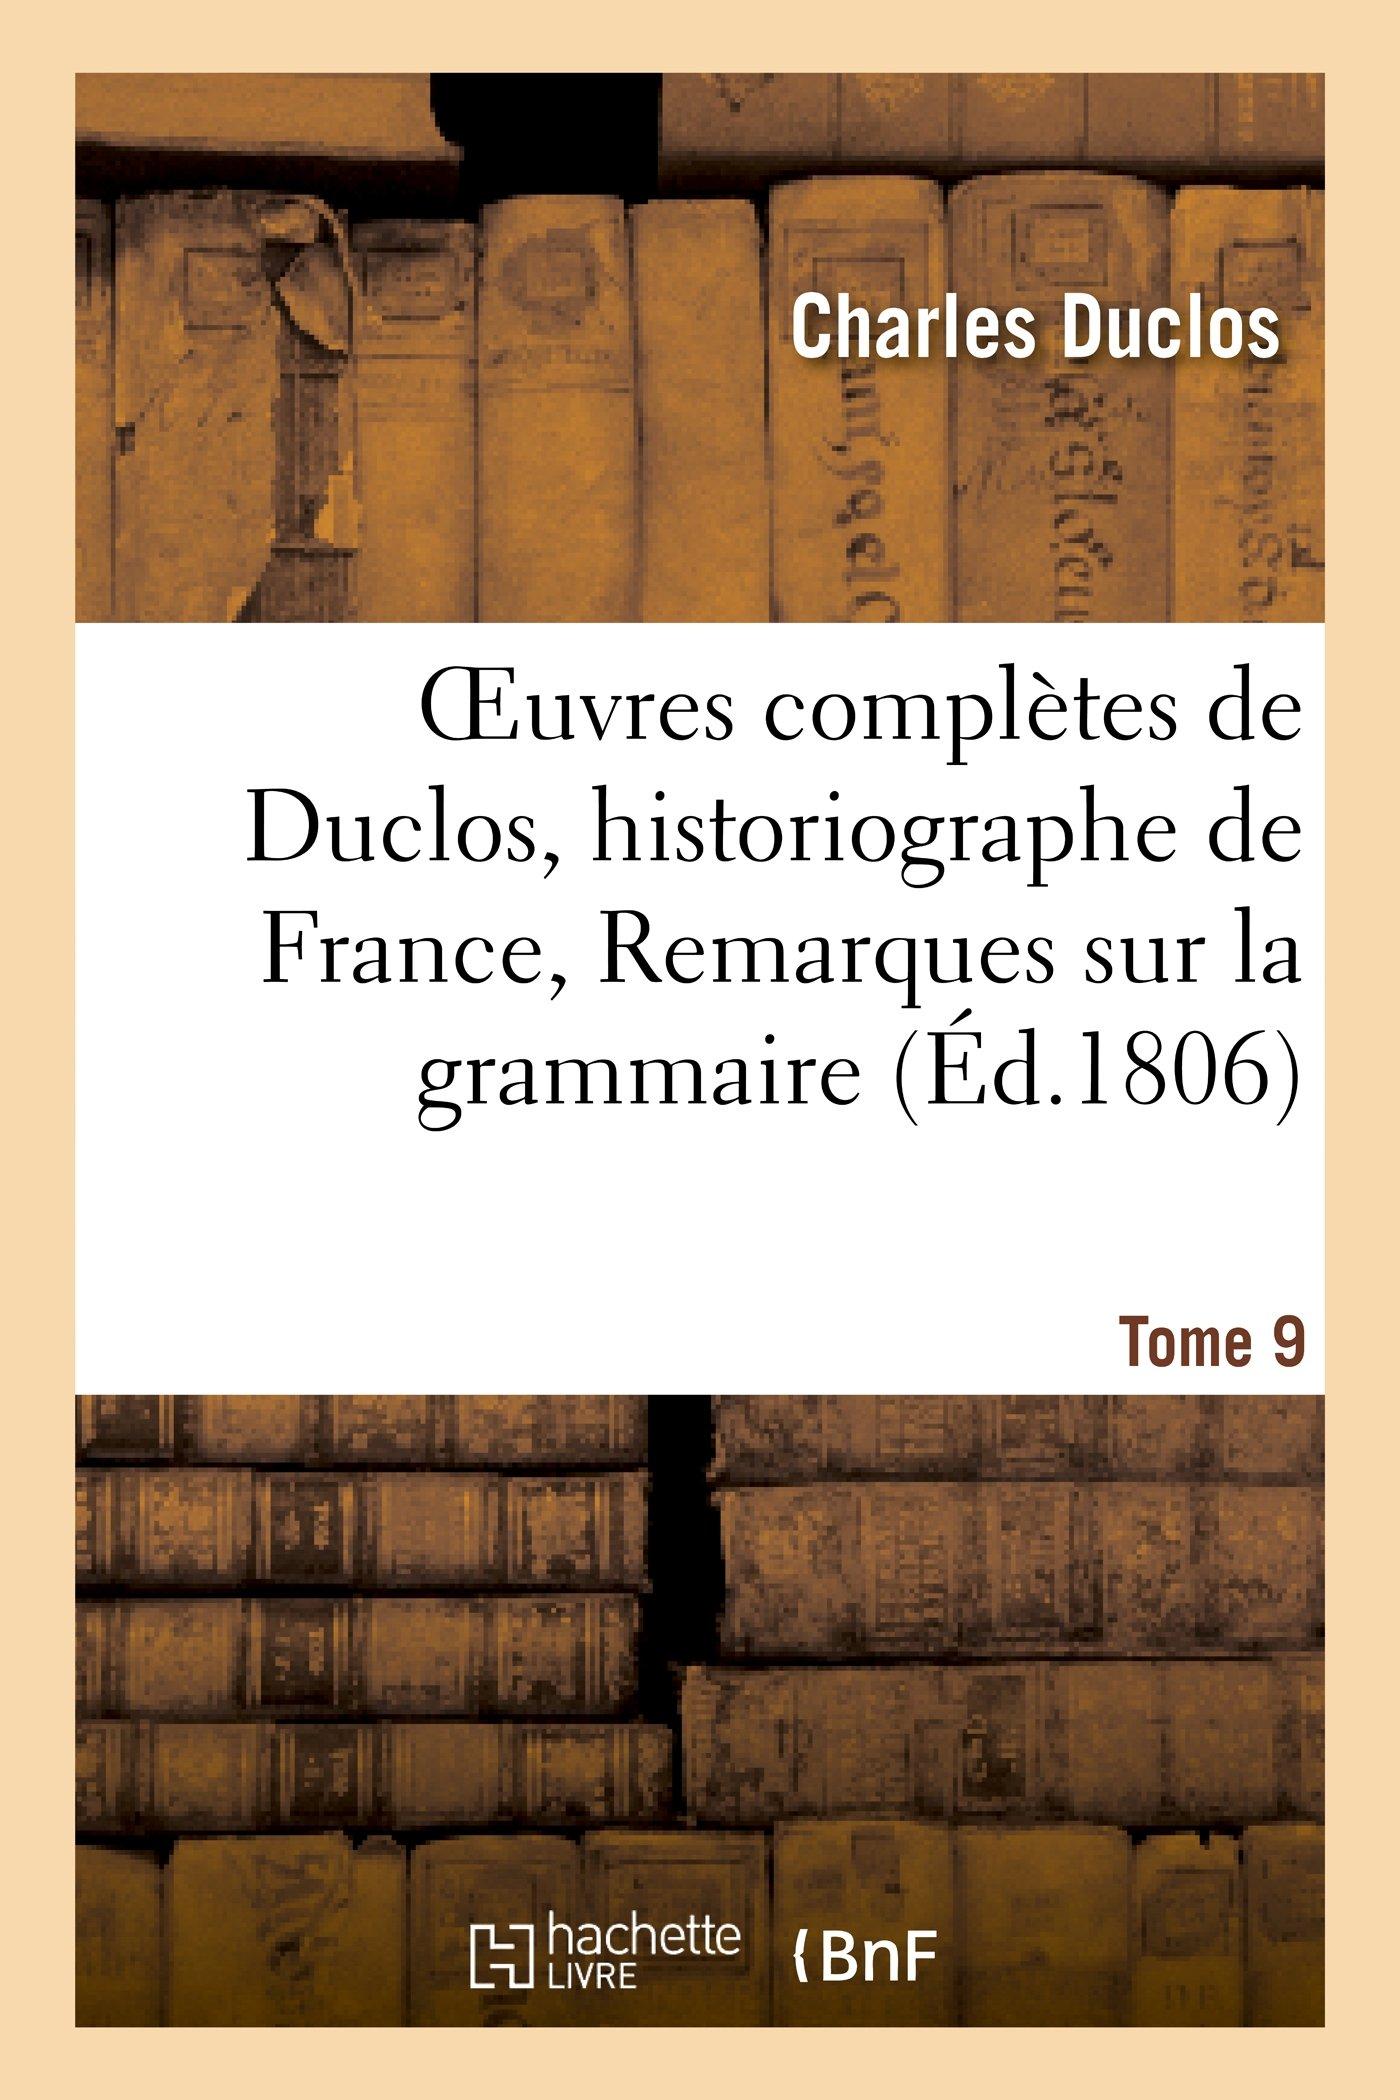 Oeuvres Completes de Duclos, Historiographe de France, T. 9 Remarques Sur La Grammaire (Litterature) (French Edition) ebook